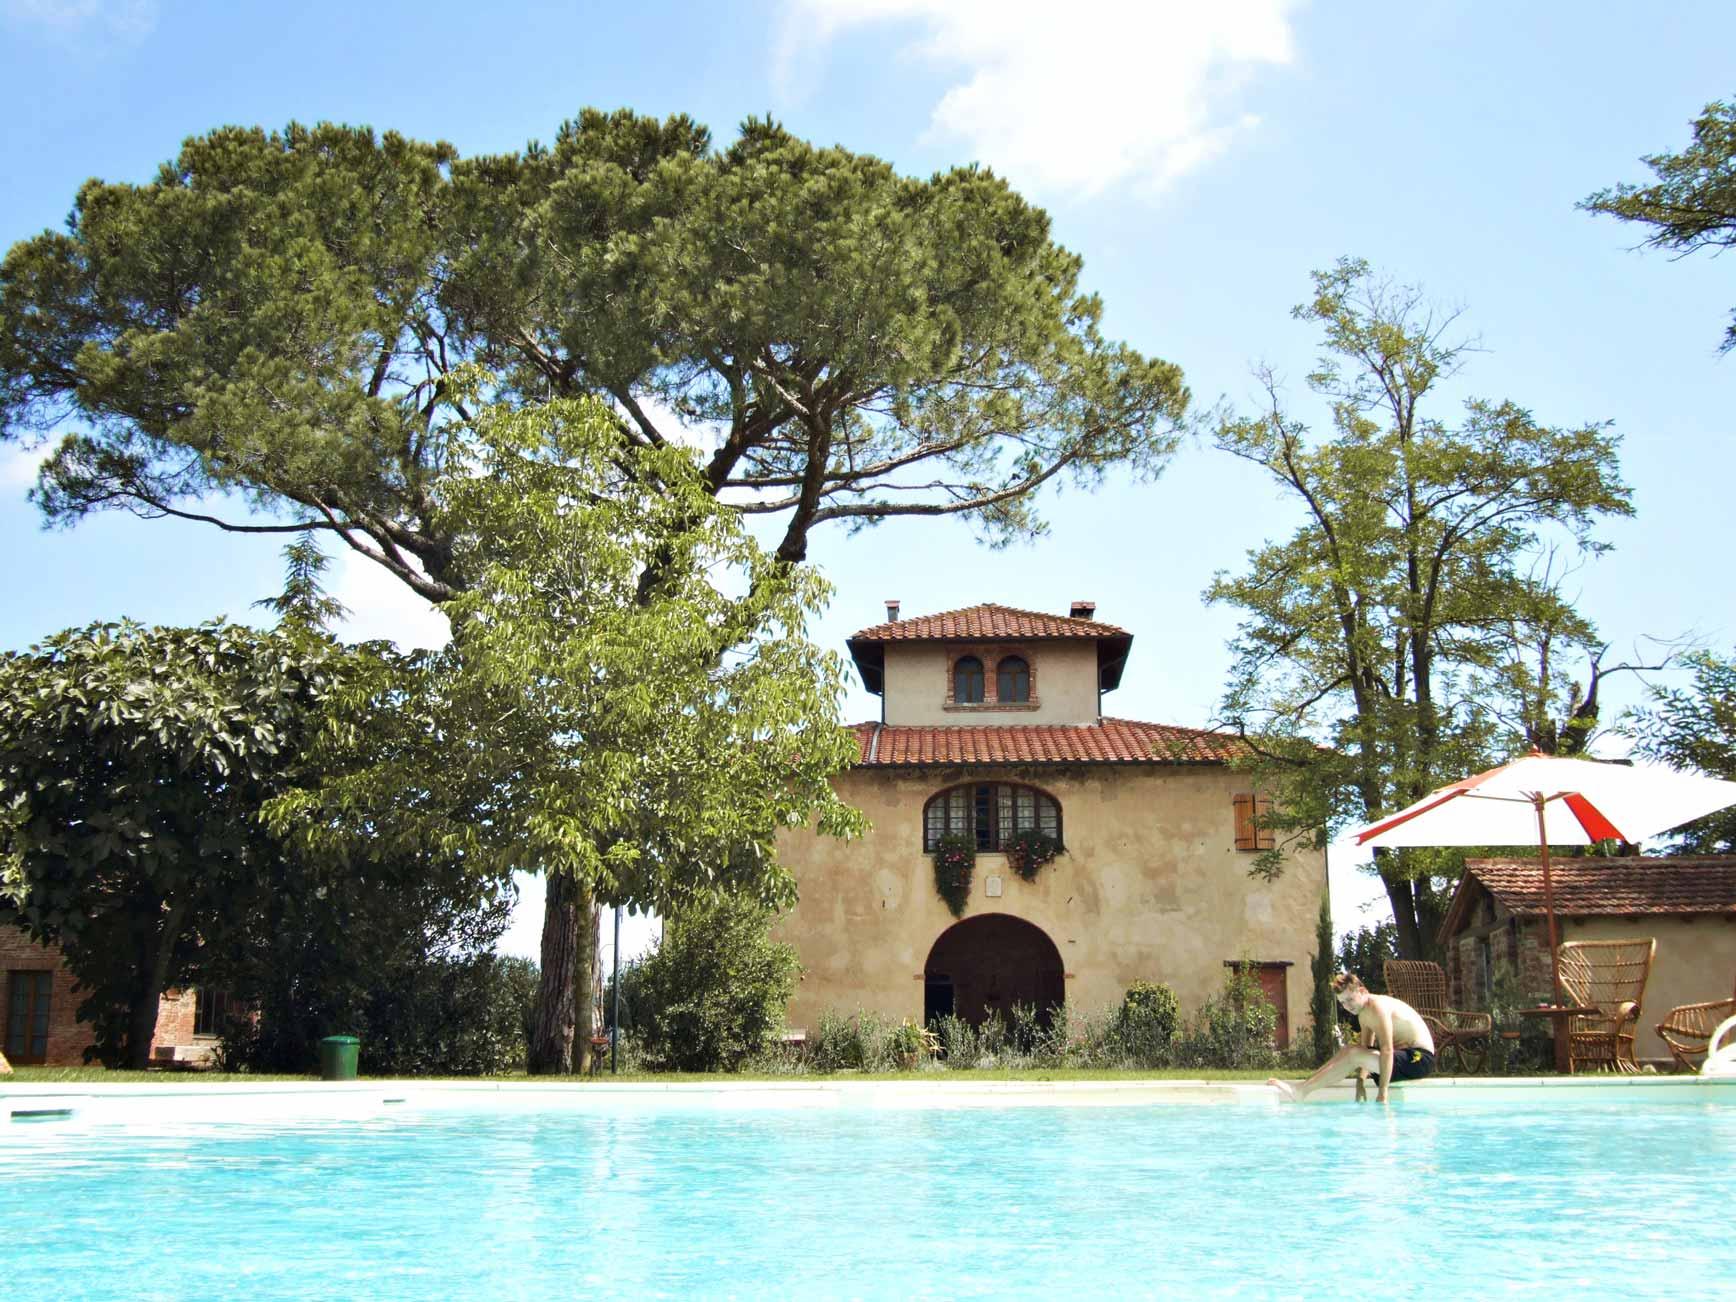 Nuestro alojamiento en Toscana